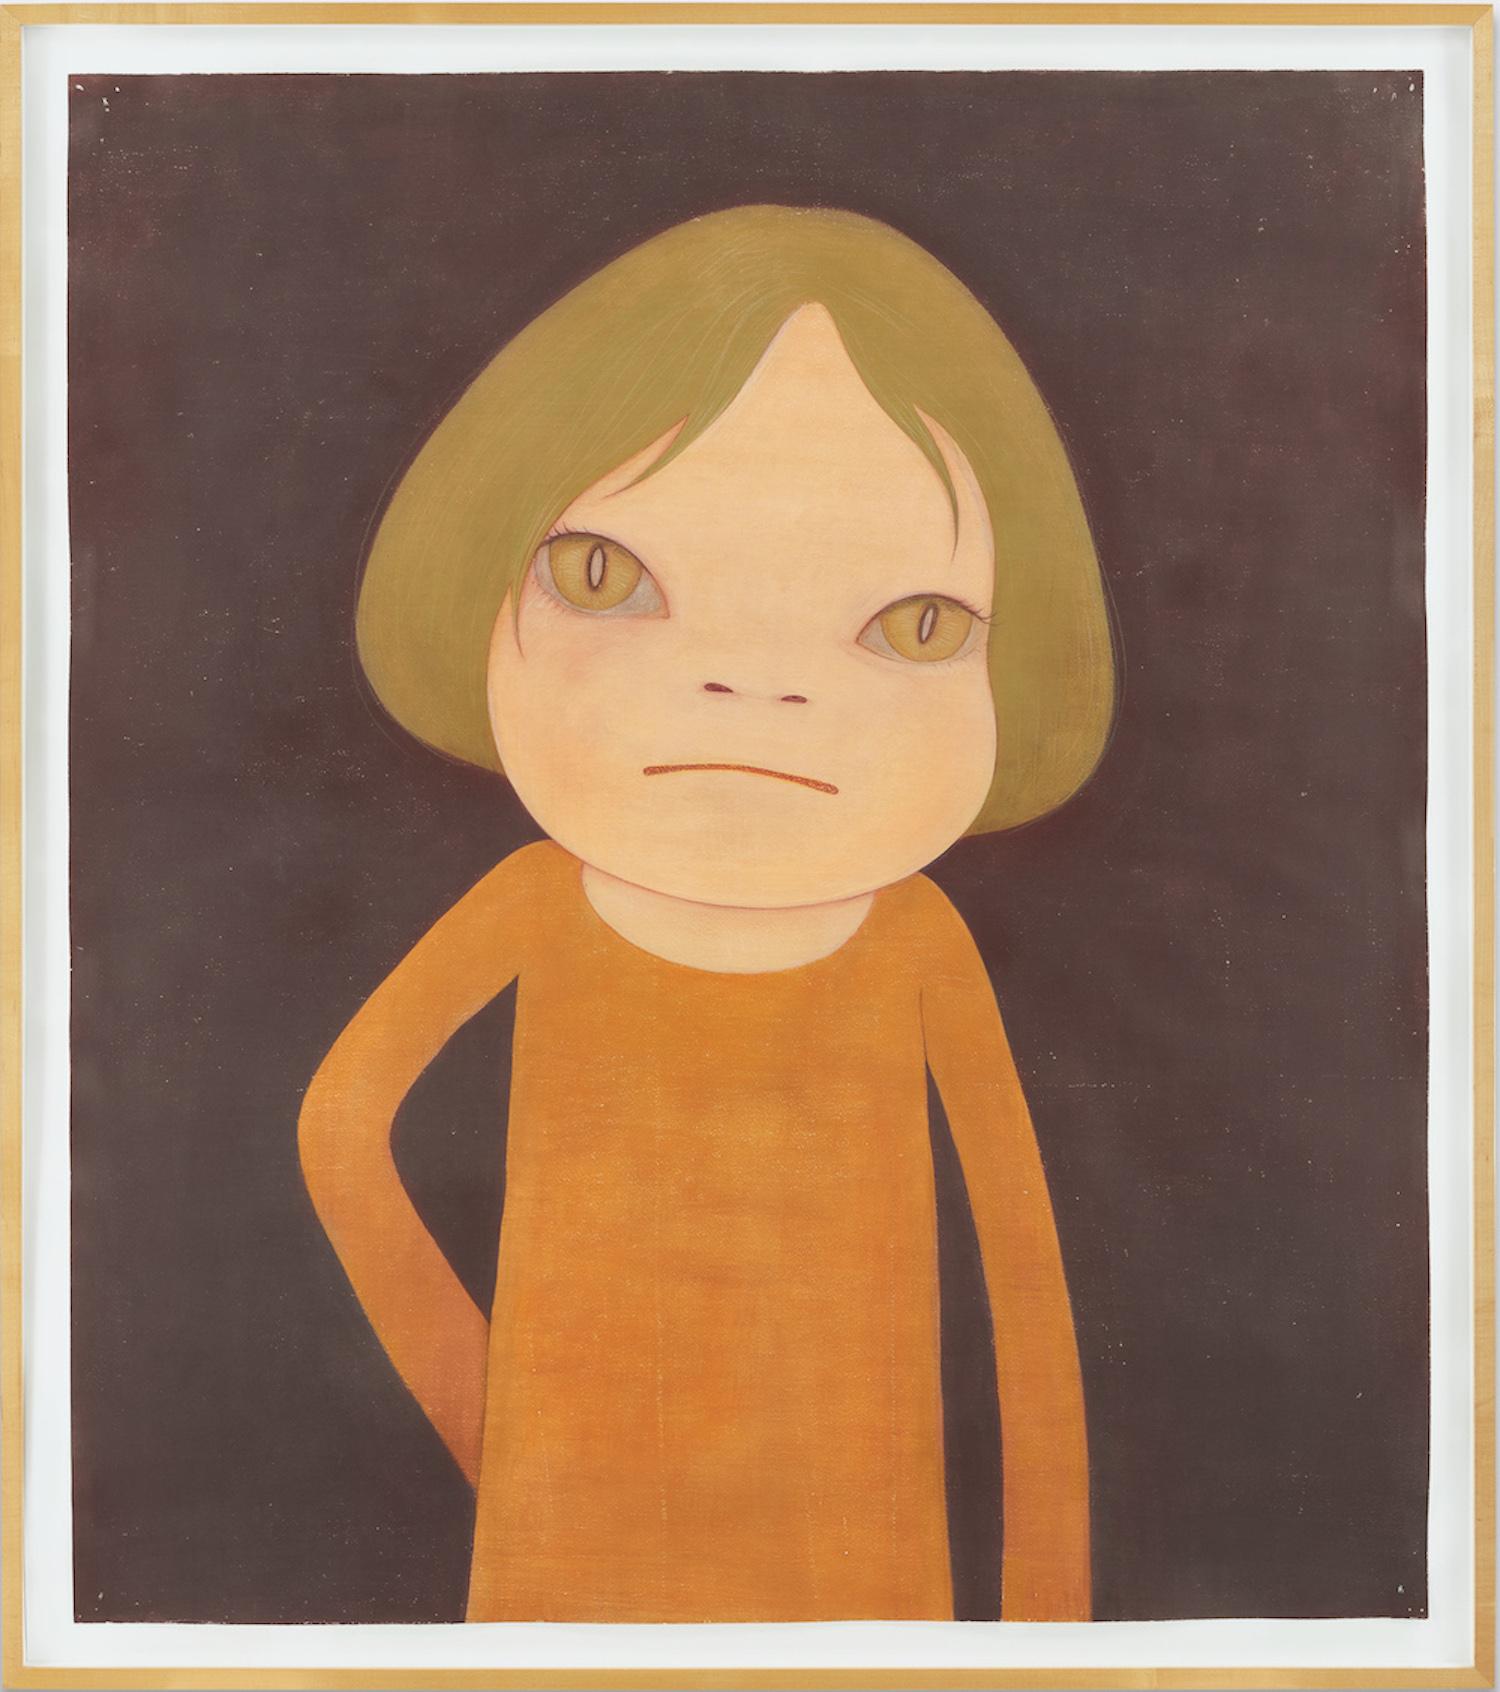 YOSHITOMO NARA b.1959 Not Now, 2003